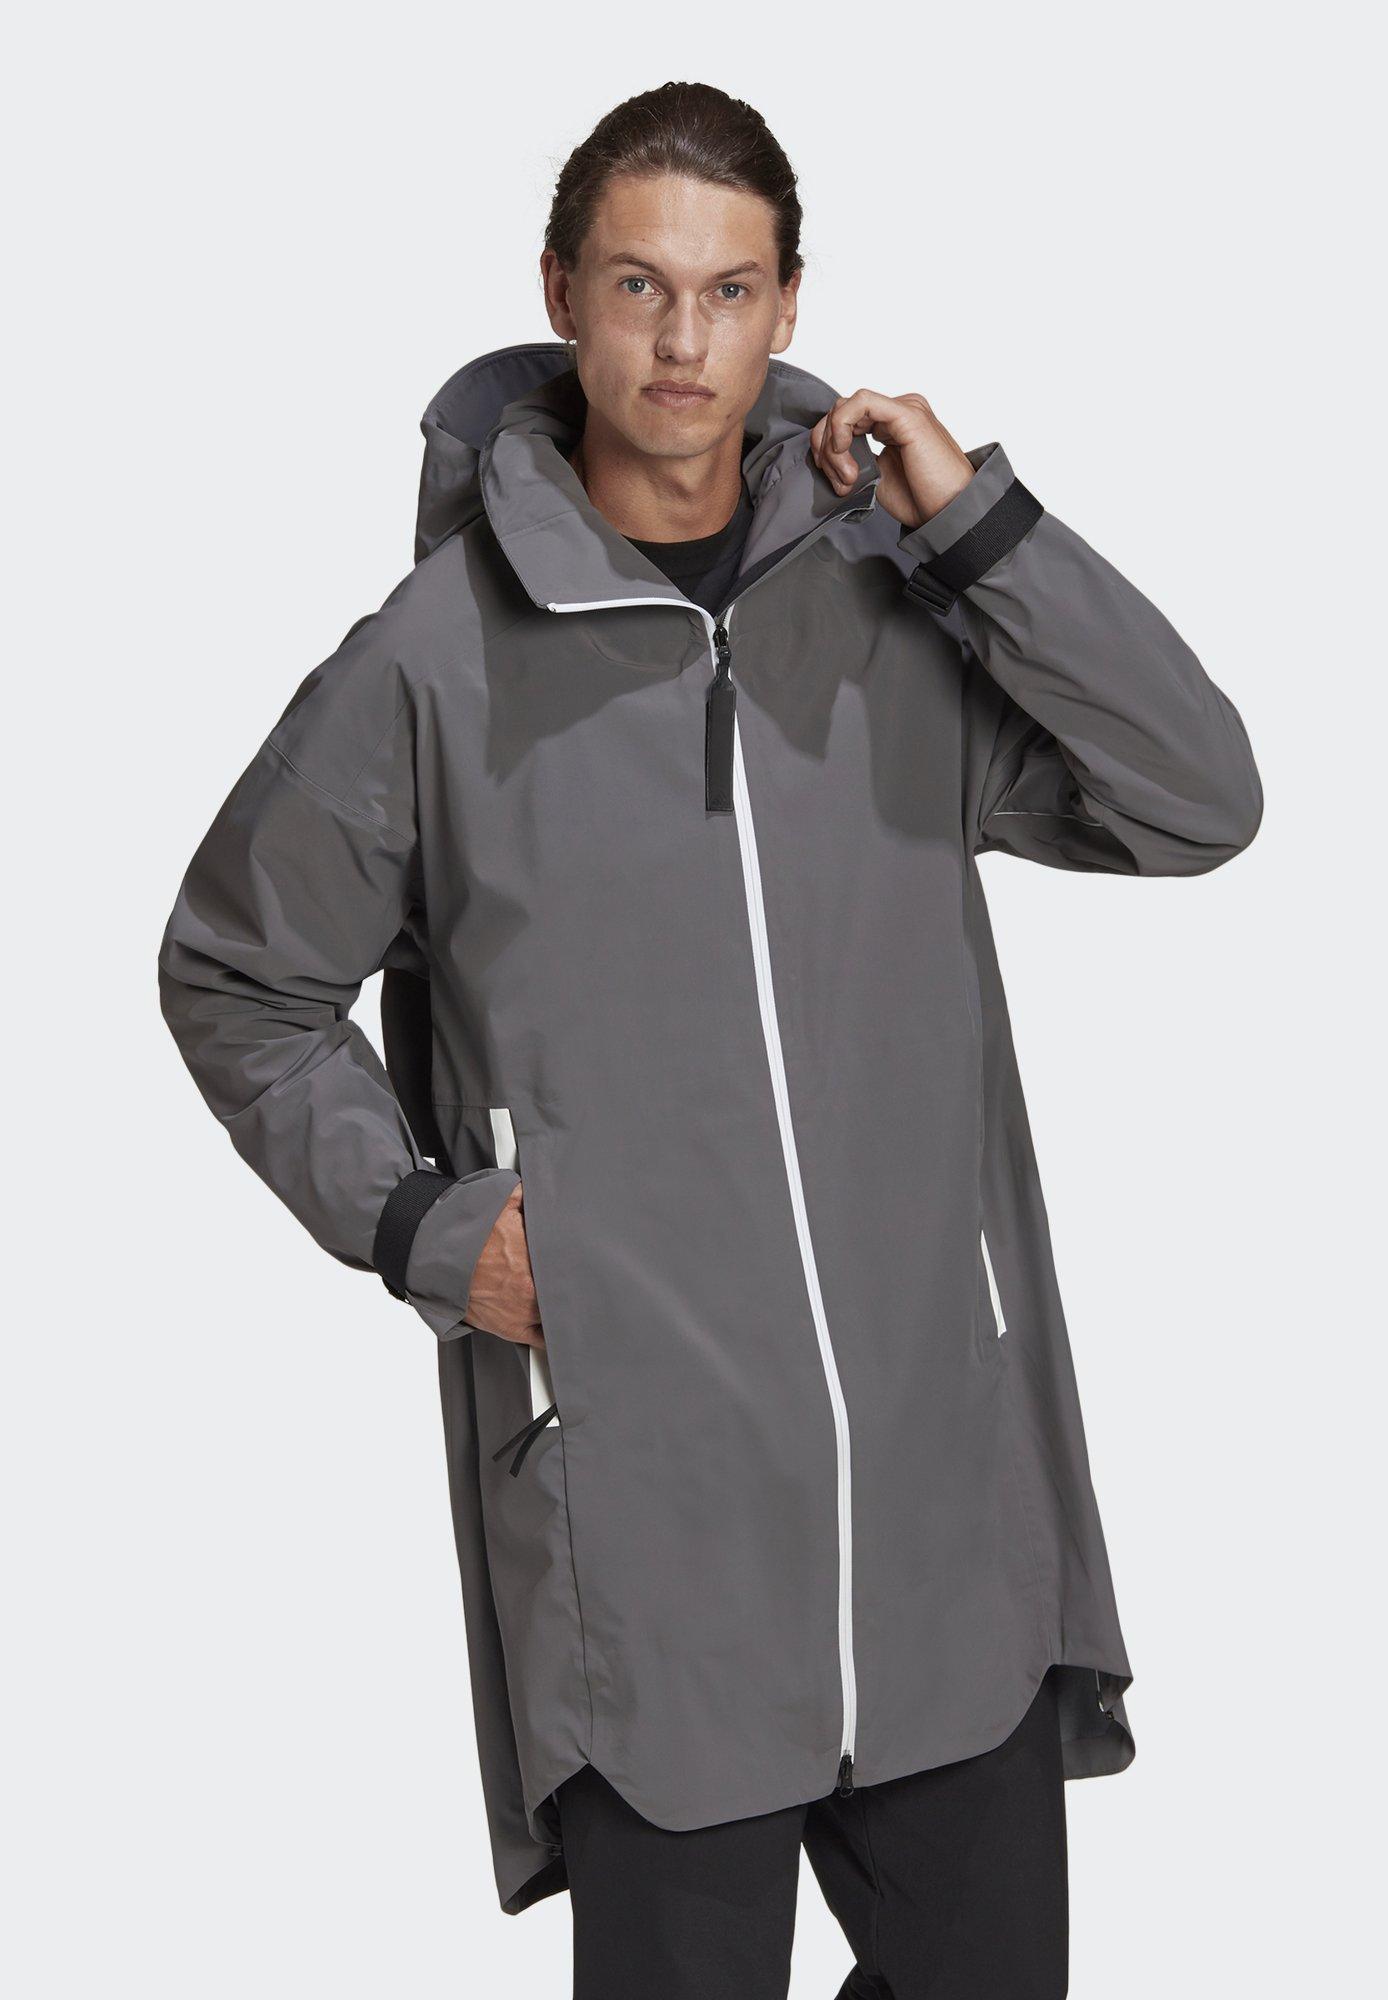 Regnjackor | Herr | Köp din regnjacka online på Zalando Sport